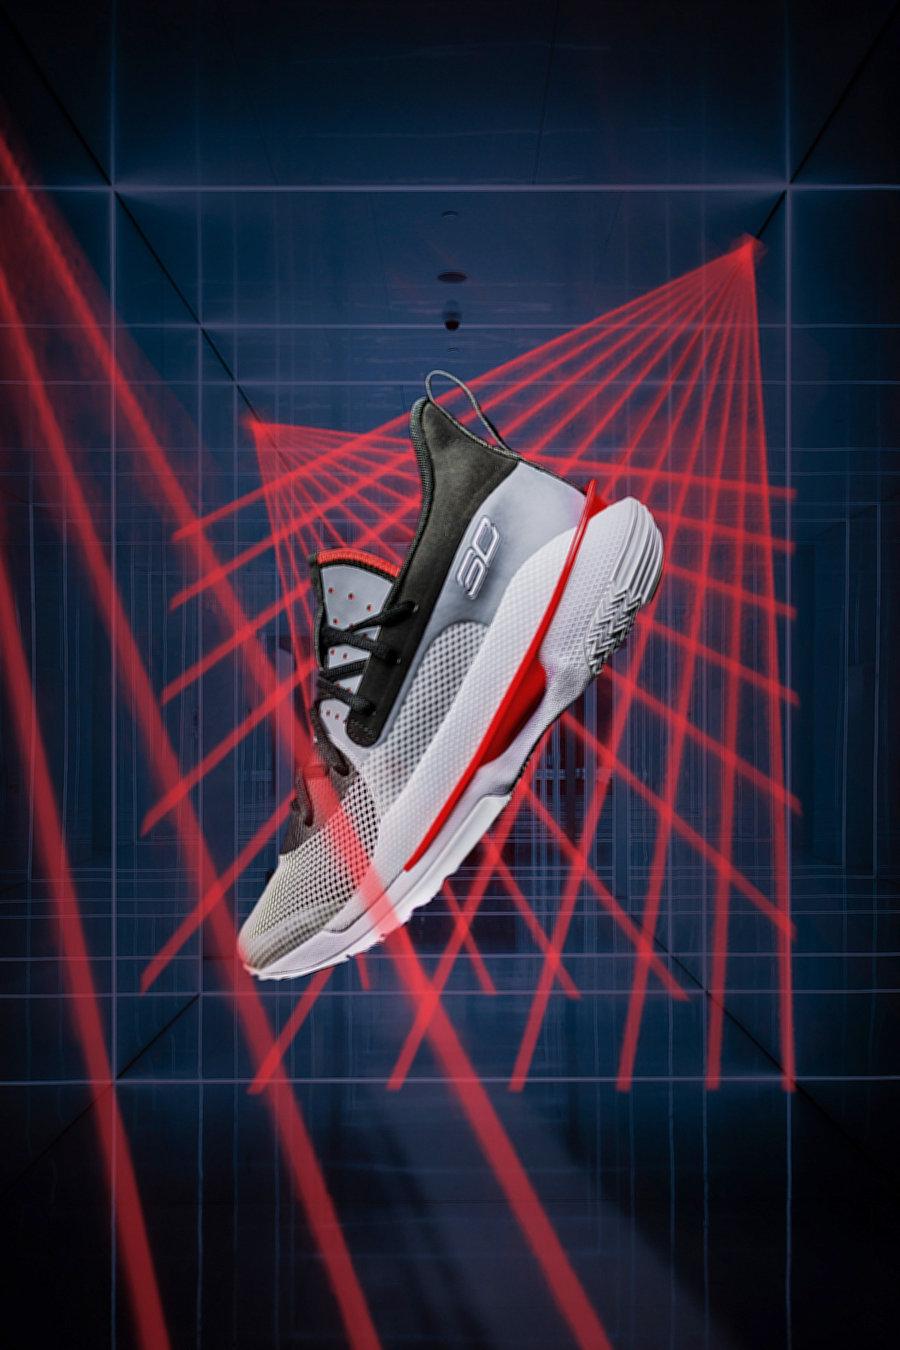 UA,Under Armour,Curry 7,开箱,上脚, 双重缓震脚感如何?UA Curry 7 今日发售!抢先上脚体验!